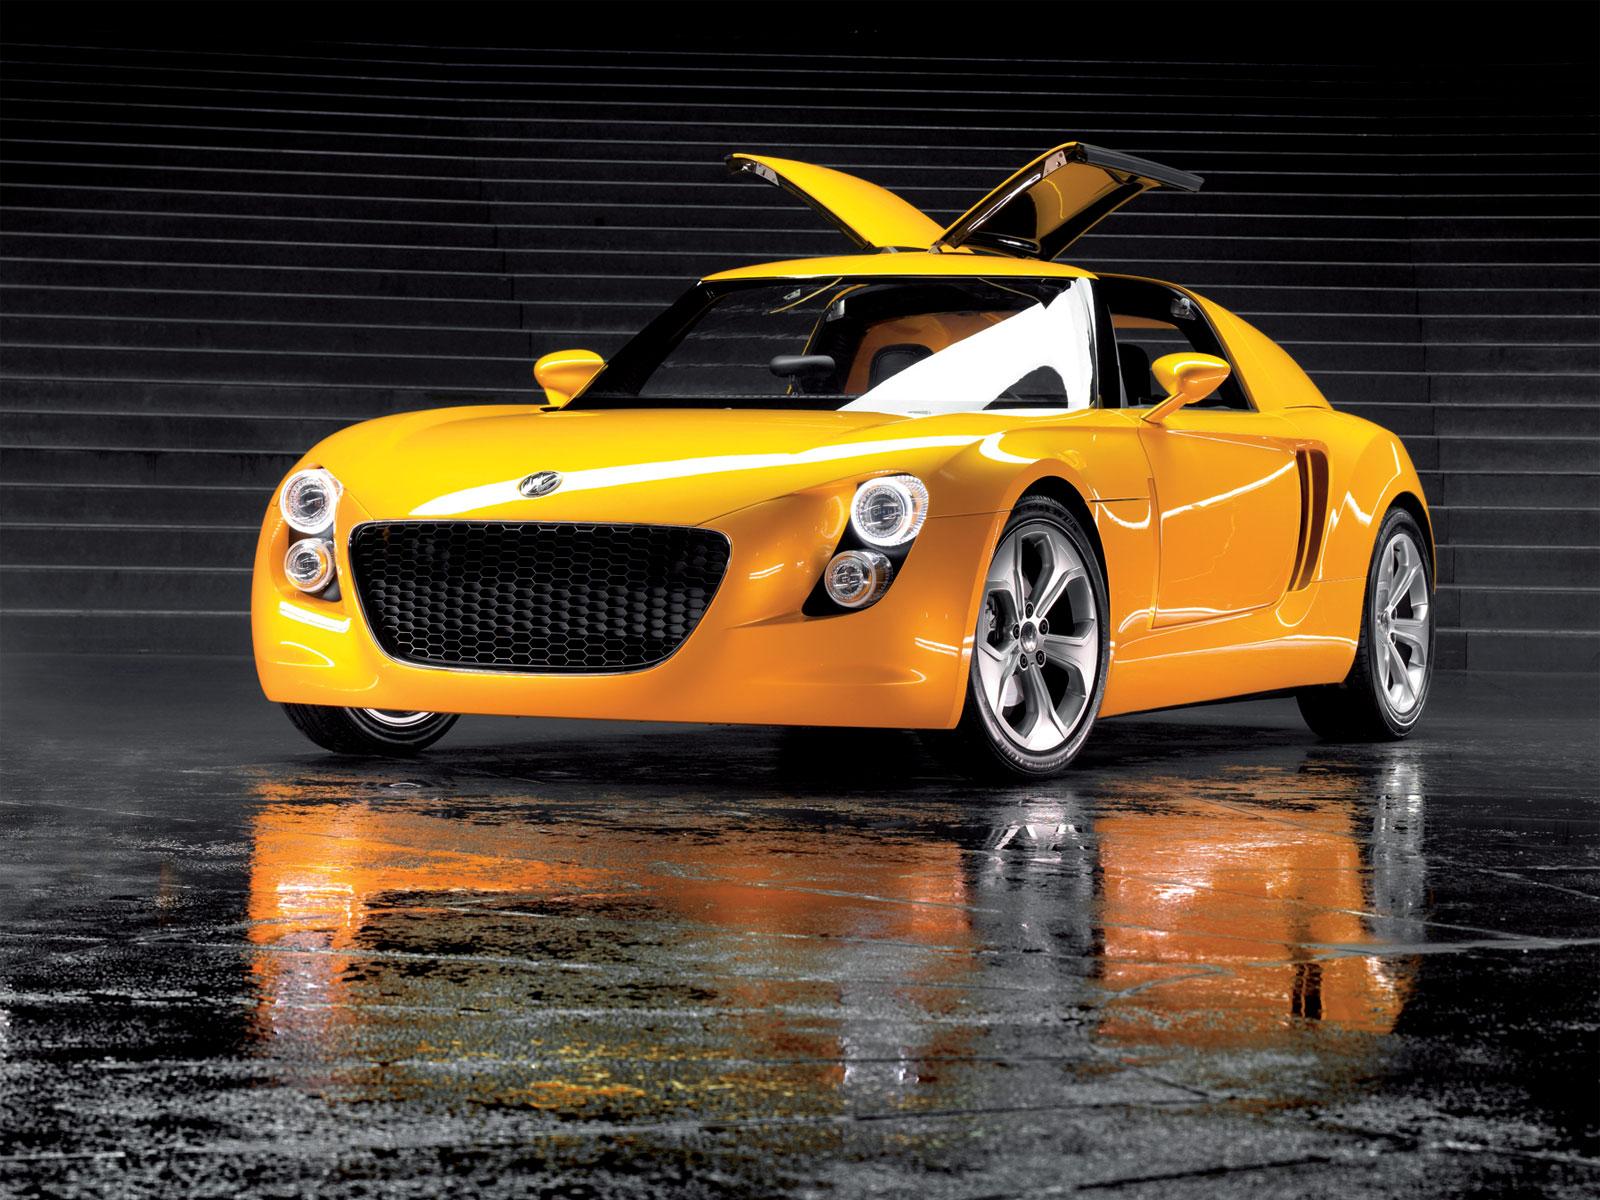 http://4.bp.blogspot.com/_HkbWdsz-H8g/S72bvzL5yZI/AAAAAAAAIIk/2RF2tvf7Ojk/s1600/Volkswagen+EcoRacer+Concept+02.jpg